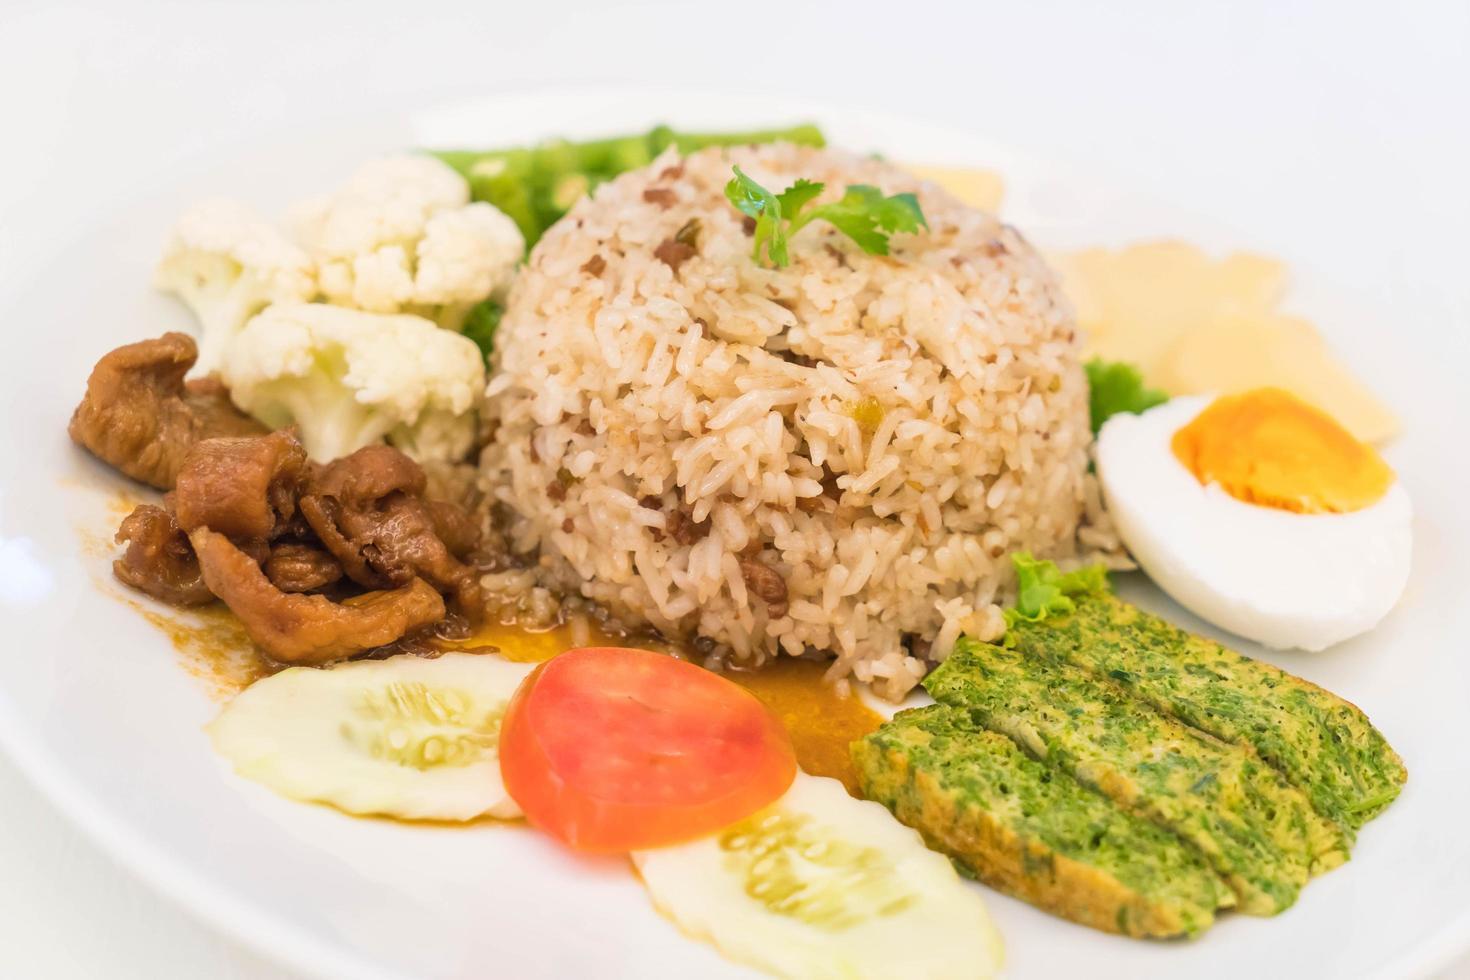 gebakken rijst met garnalenpastasaus foto